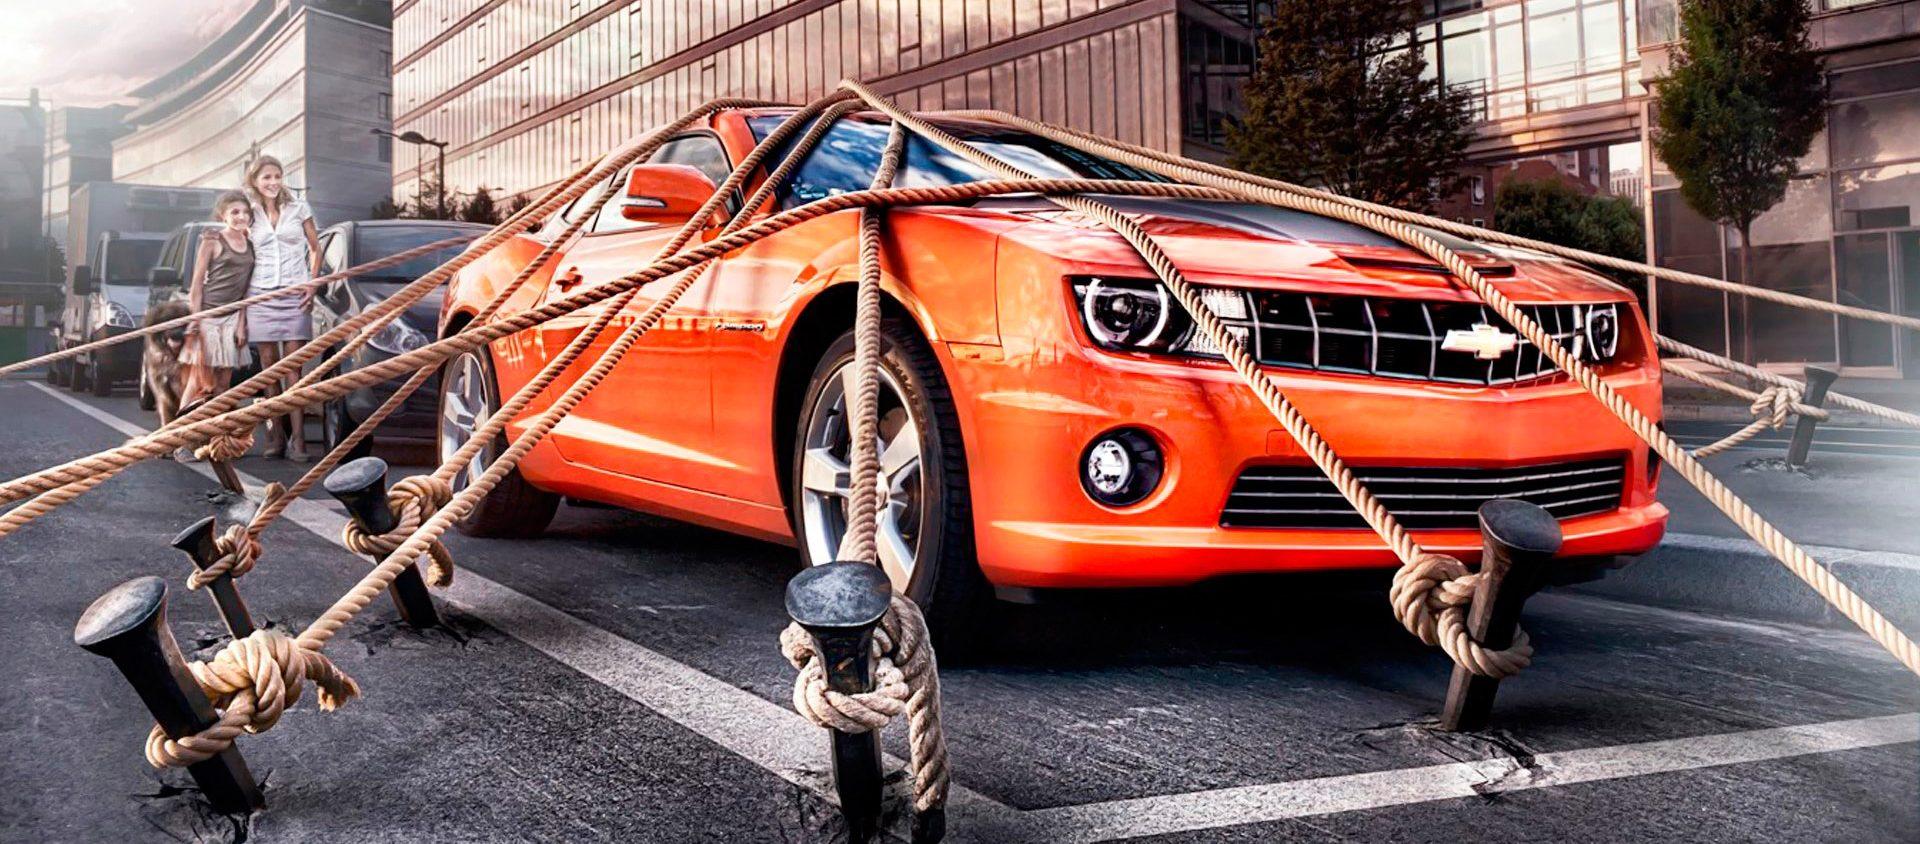 Современные автосигнализации для защиты машины от угона